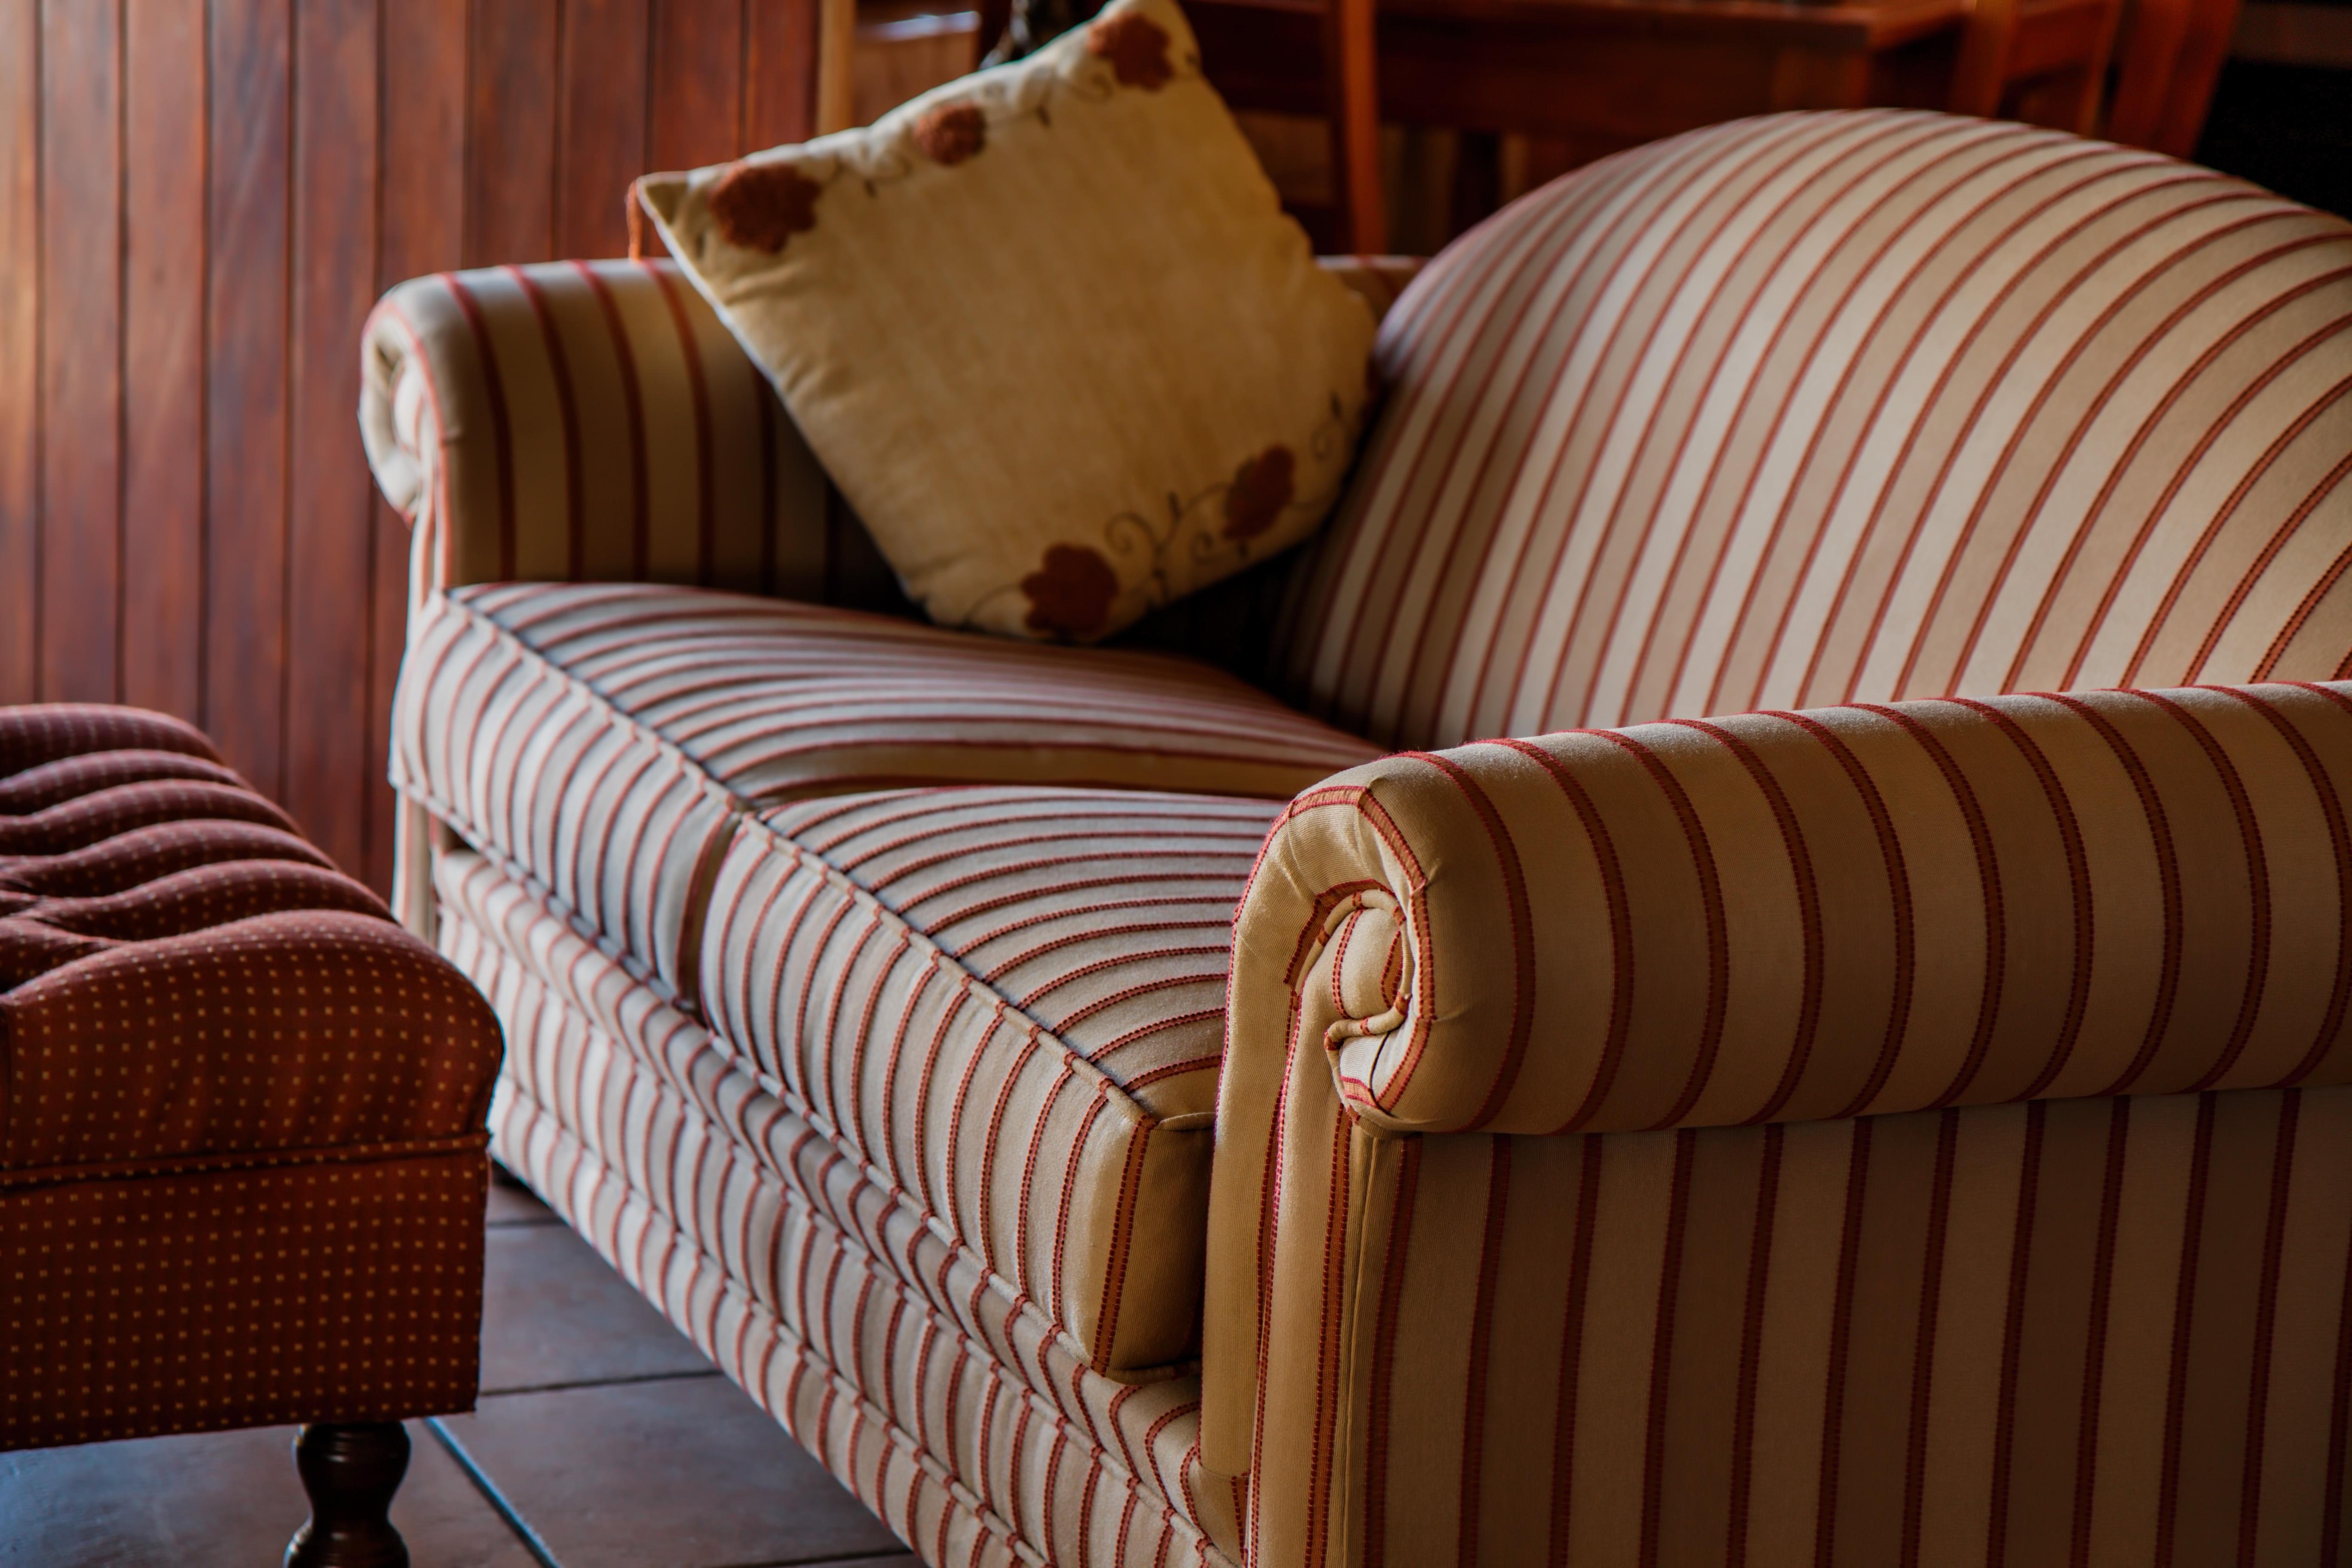 Gambar Kursi Pedalaman Bersantai Ruang Keluarga Mebel Kamar